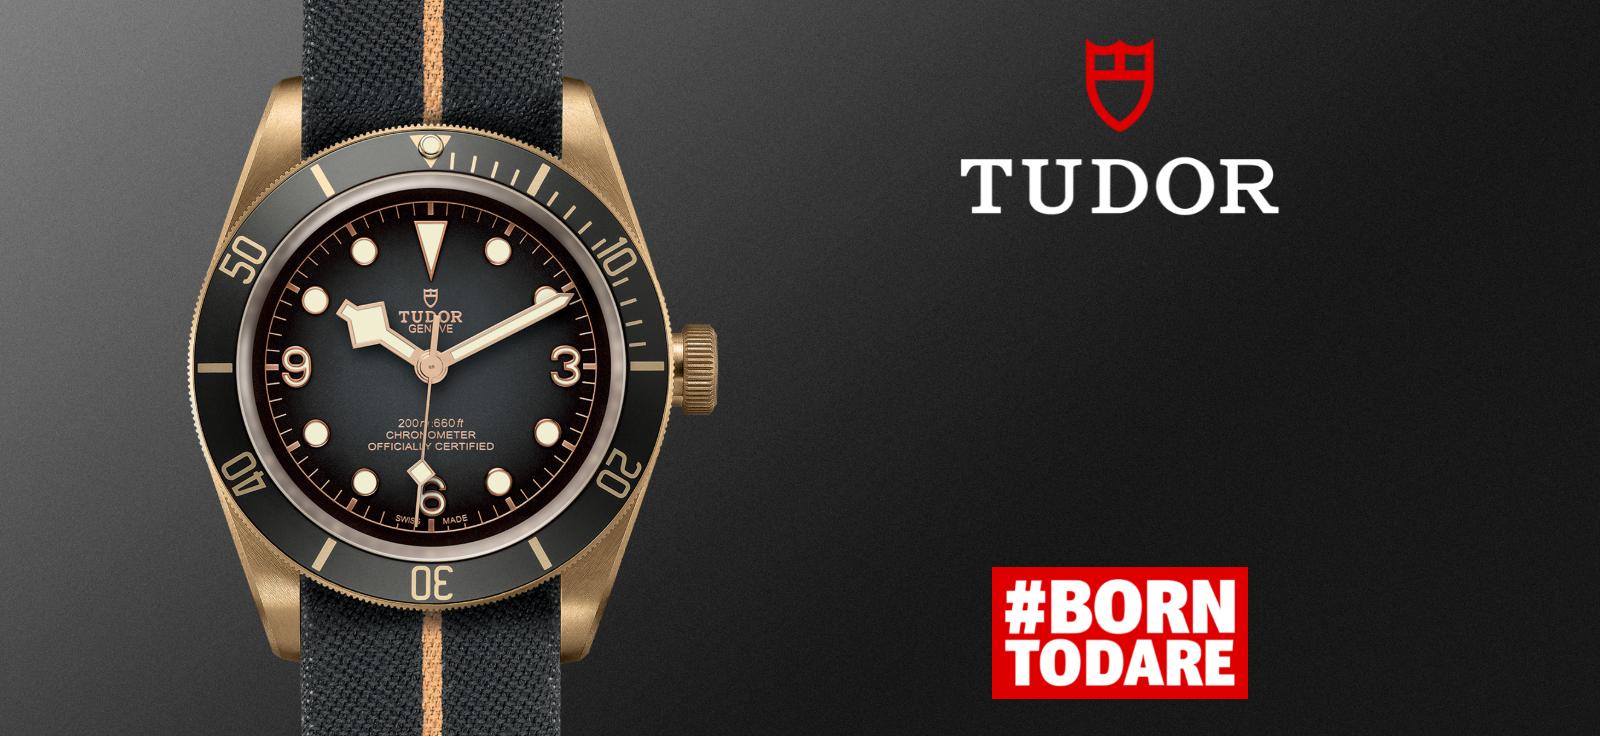 Tudor-banner